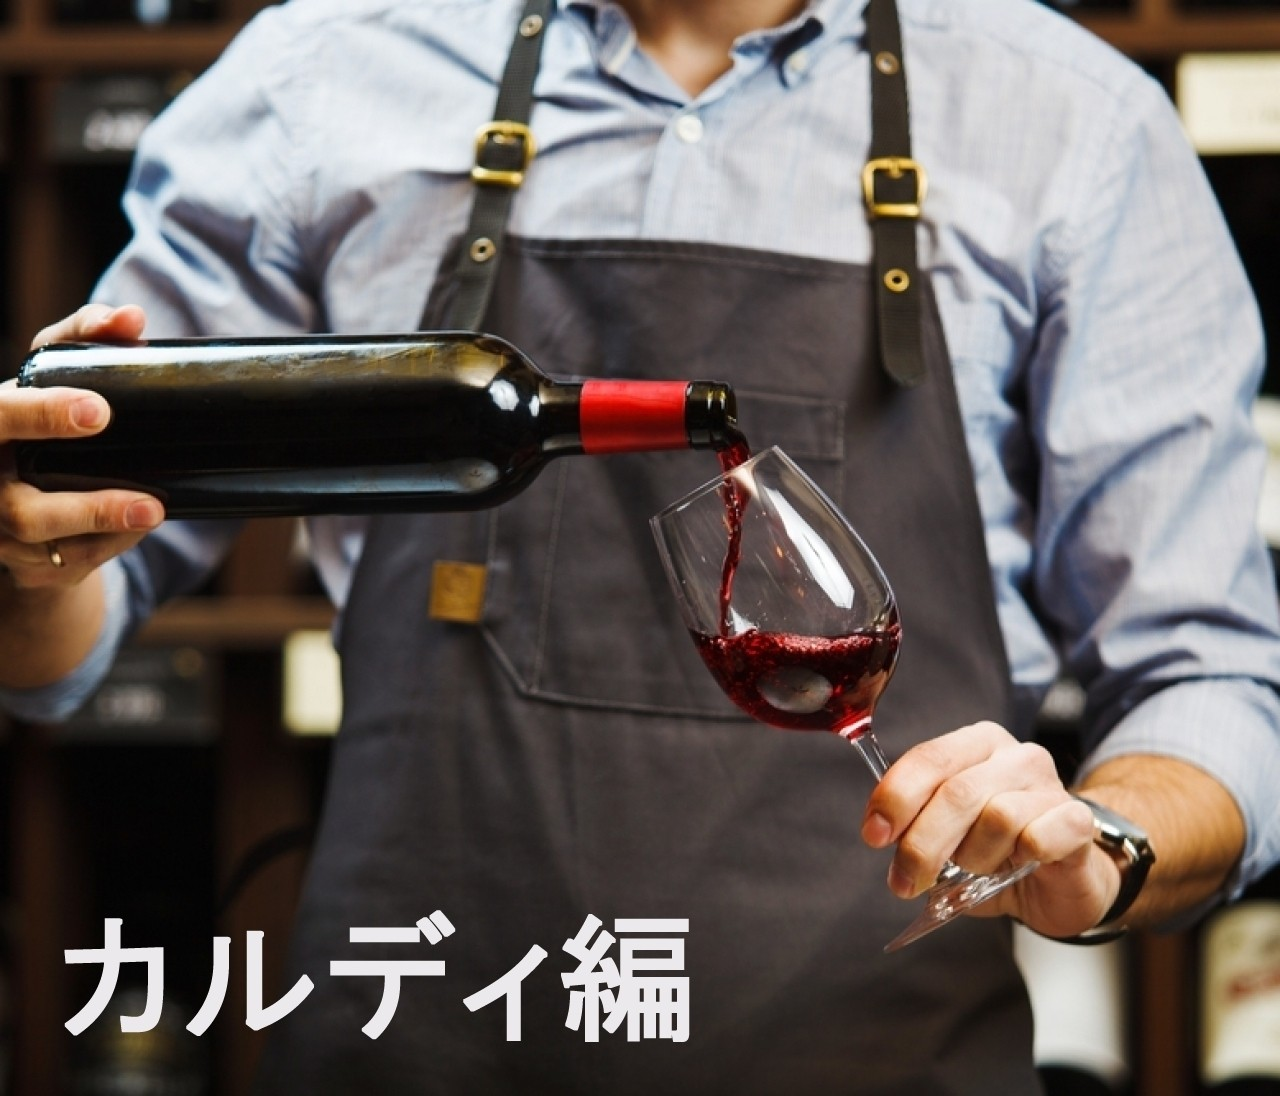 【ソムリエ監修】ご近所で買えるおすすめおうちワイン#5【カルディ編】